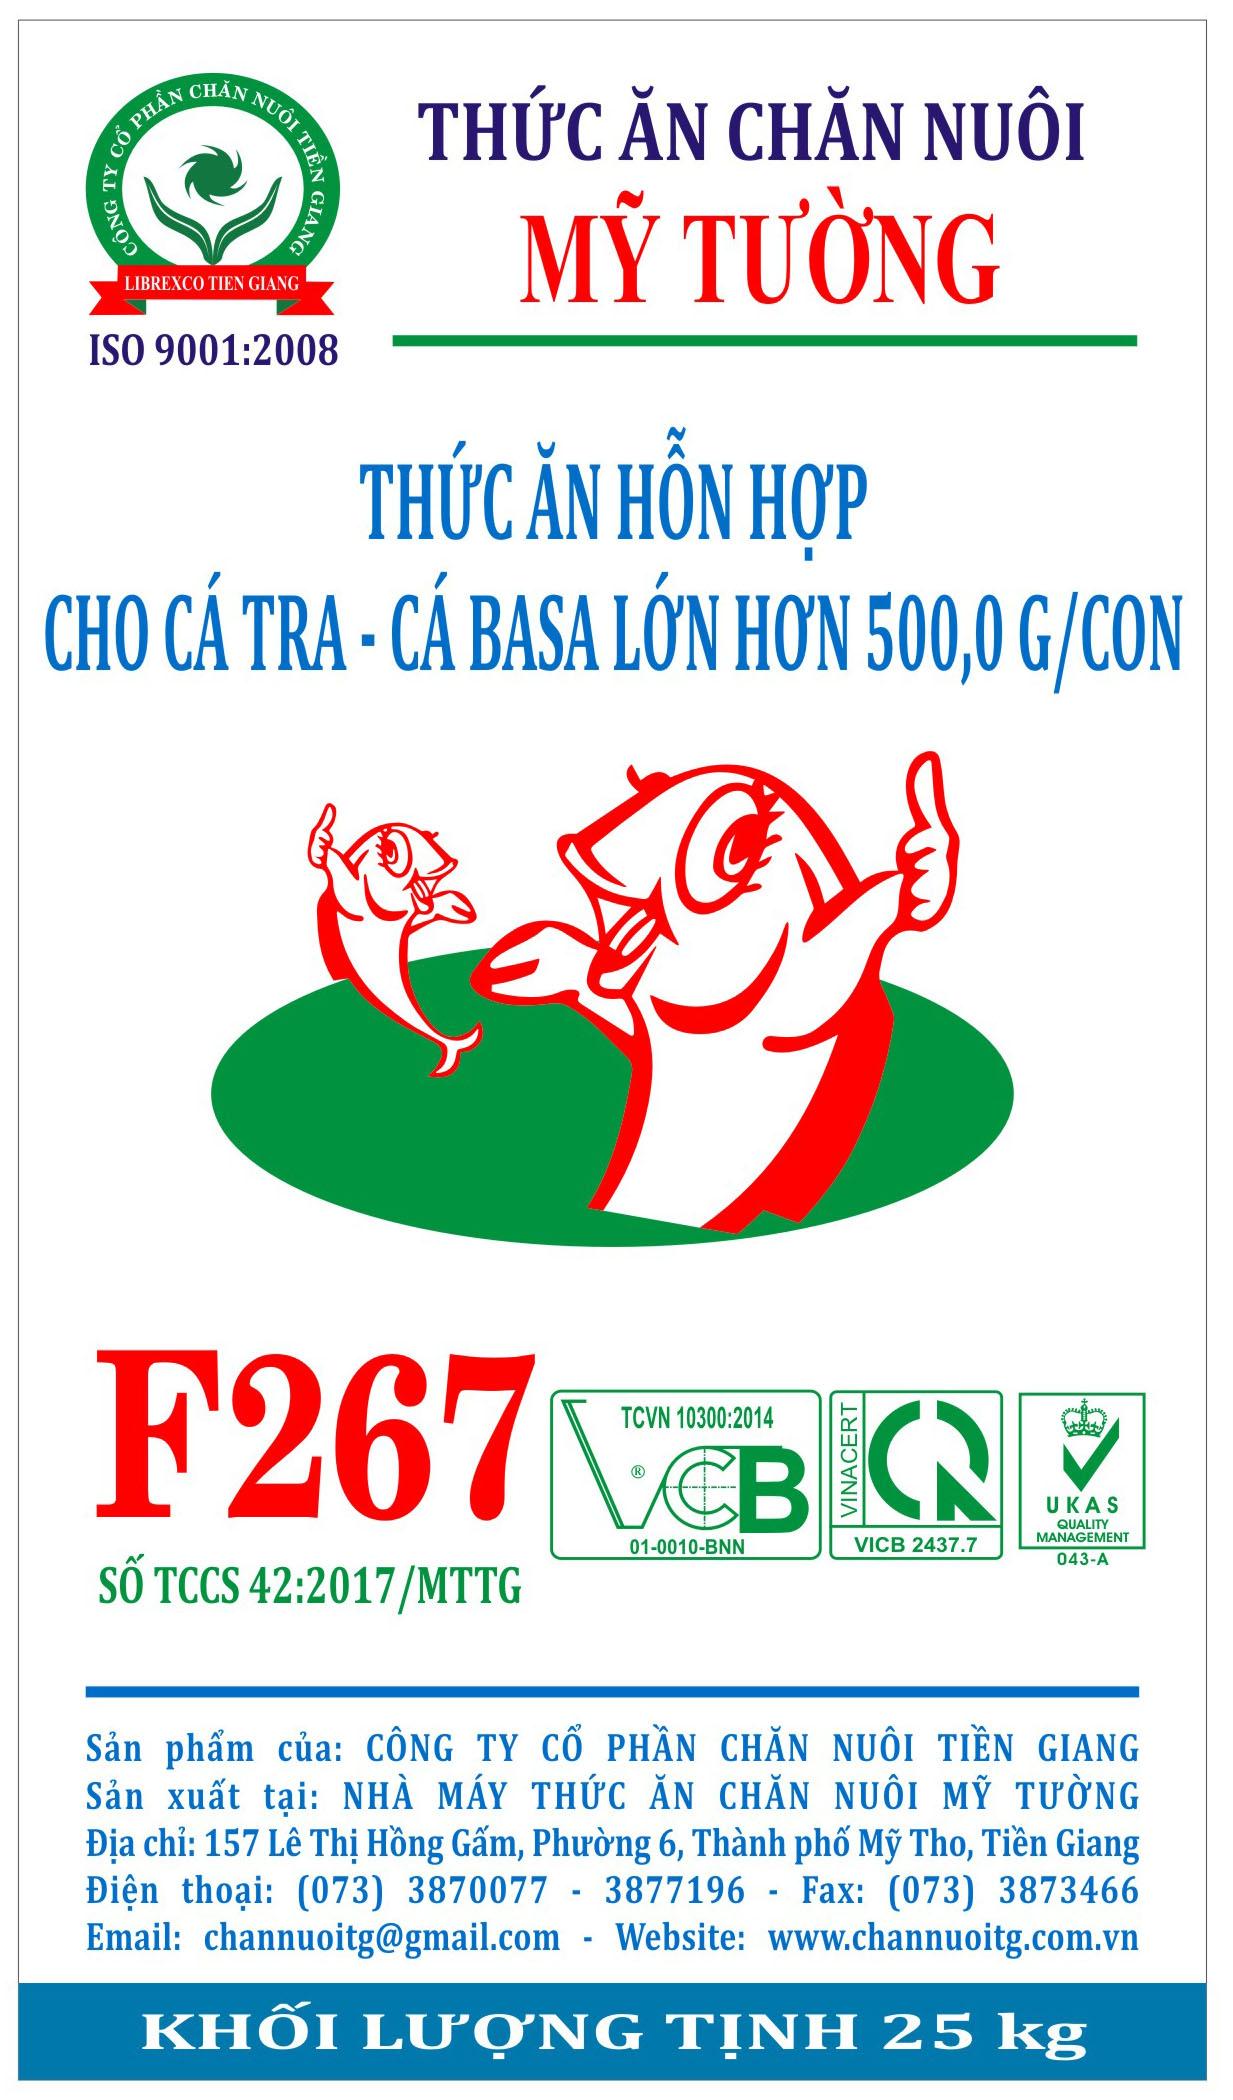 Thức ăn hỗn hợp cho cá tra - cá basa từ 5,1 G - 20,0 G/con